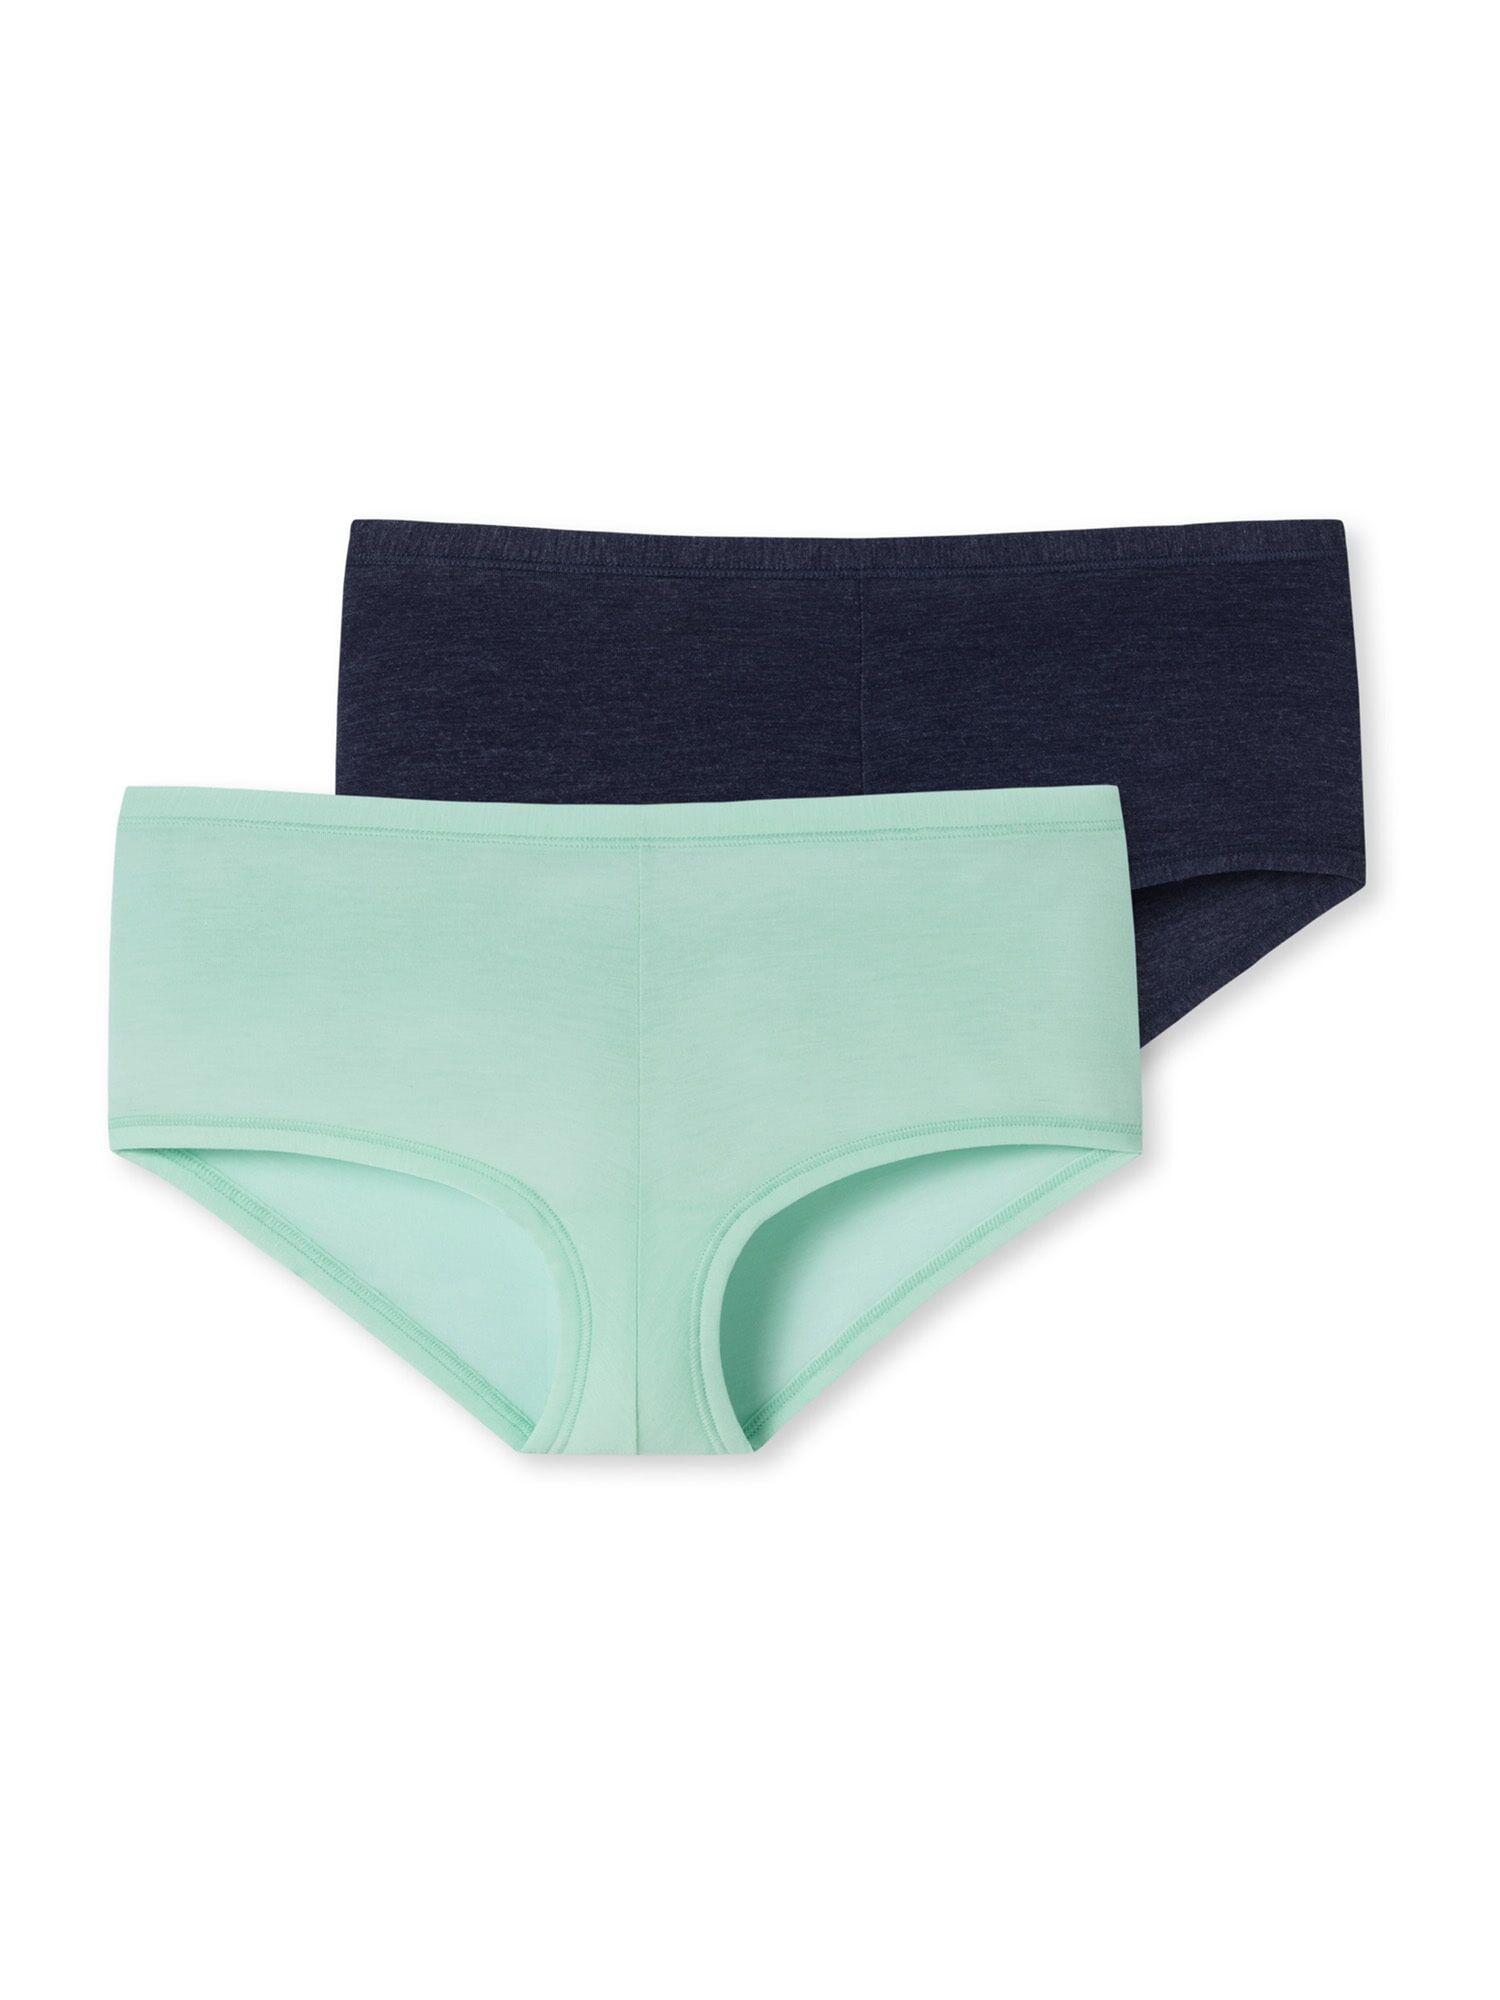 SCHIESSER Sous-vêtements ' Personal Fit '  - Vert, Bleu - Taille: 164 - girl